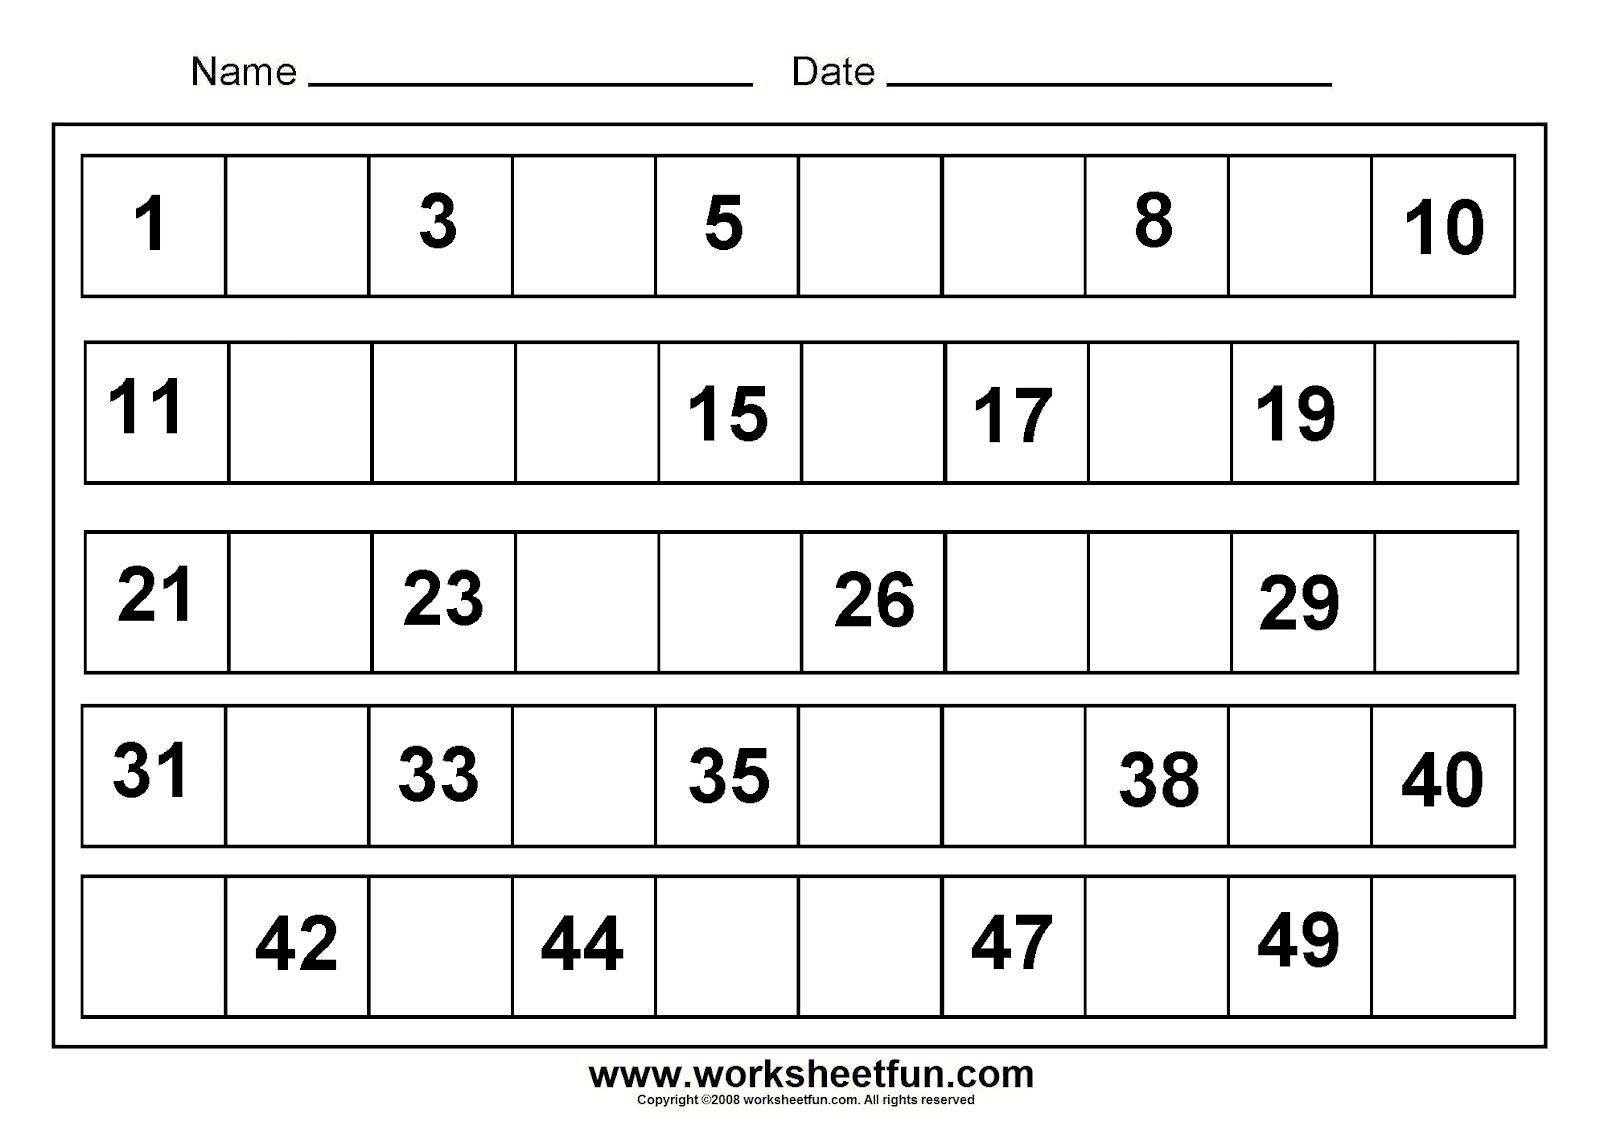 Free Printable Math Worksheets Preschoolers For All Basic Mat - Free Printable Preschool Math Worksheets